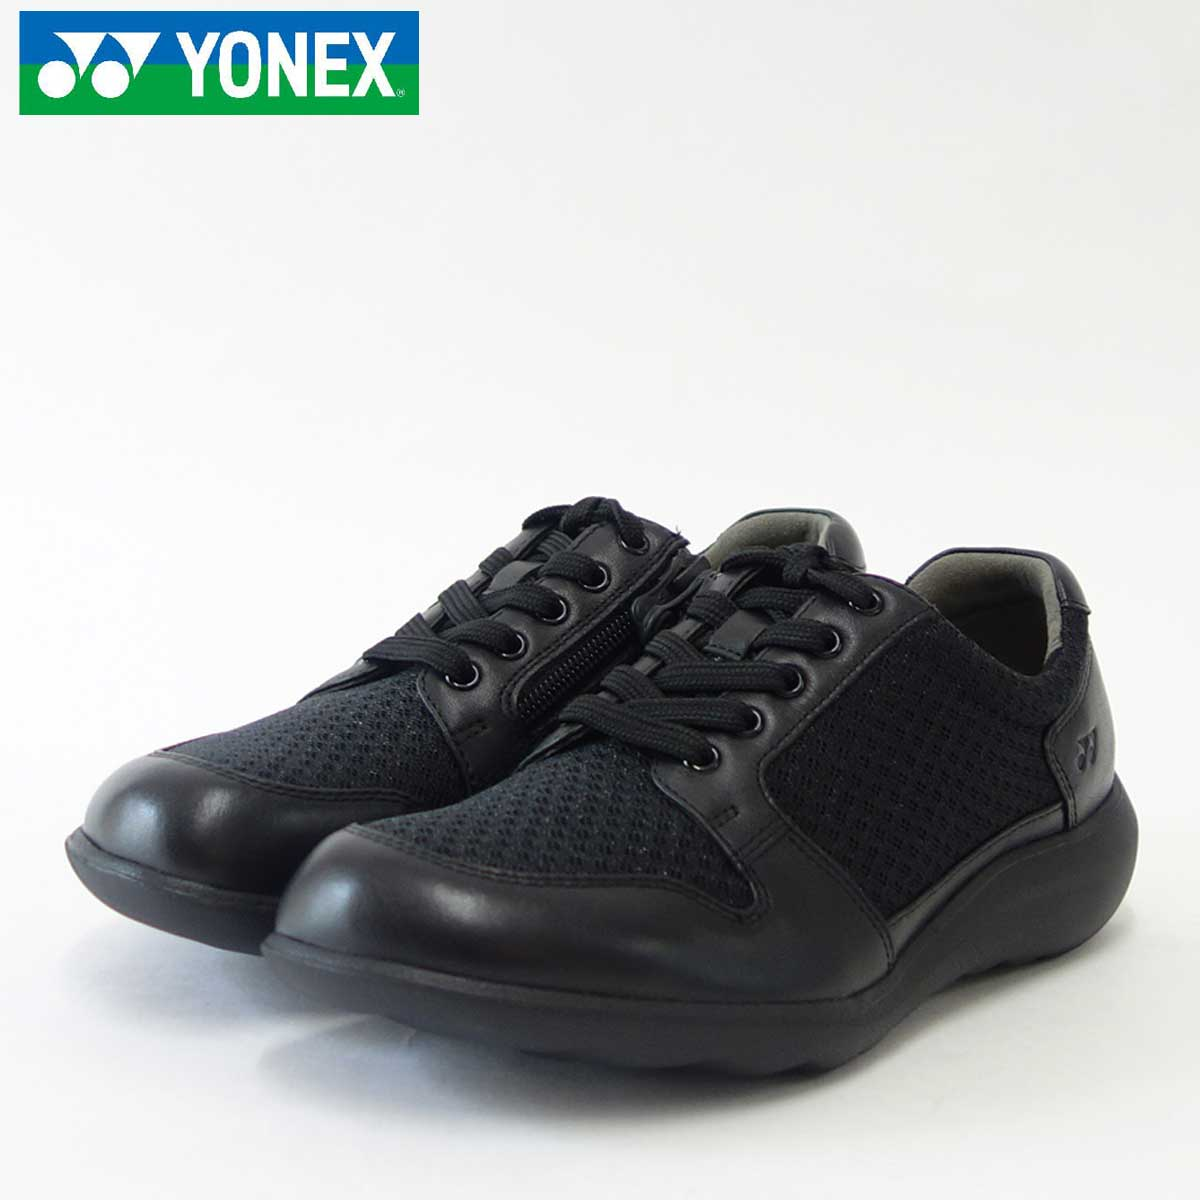 YONEX ヨネックス LC88 ブラック (レディース)軽い疲れにくいウォーキングシューズ「靴」